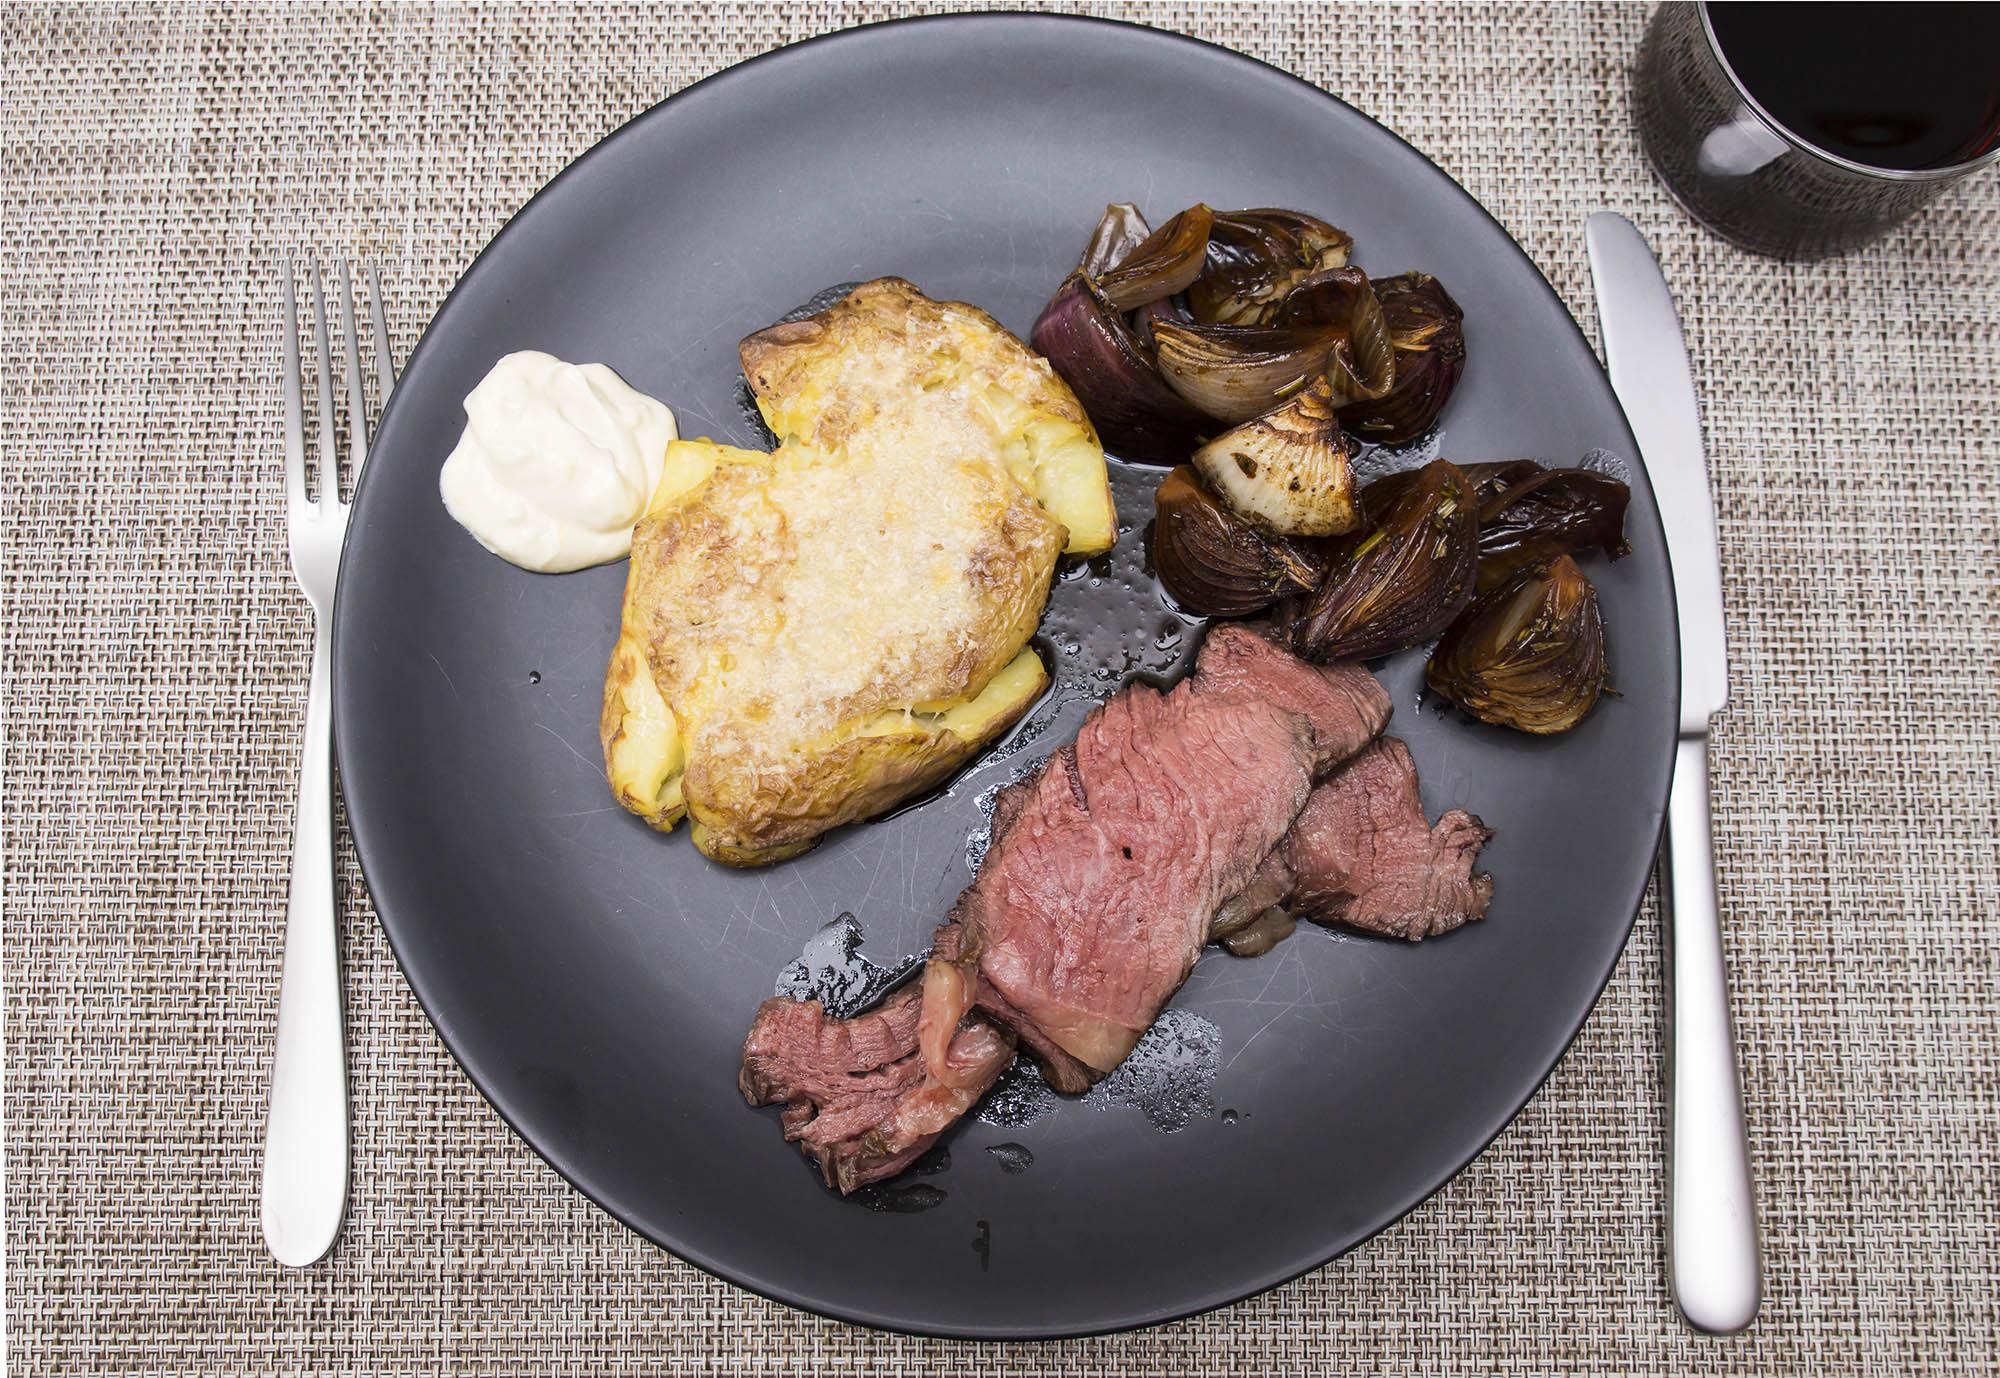 Cowboy-Steak 02 - 010 klein.jpg